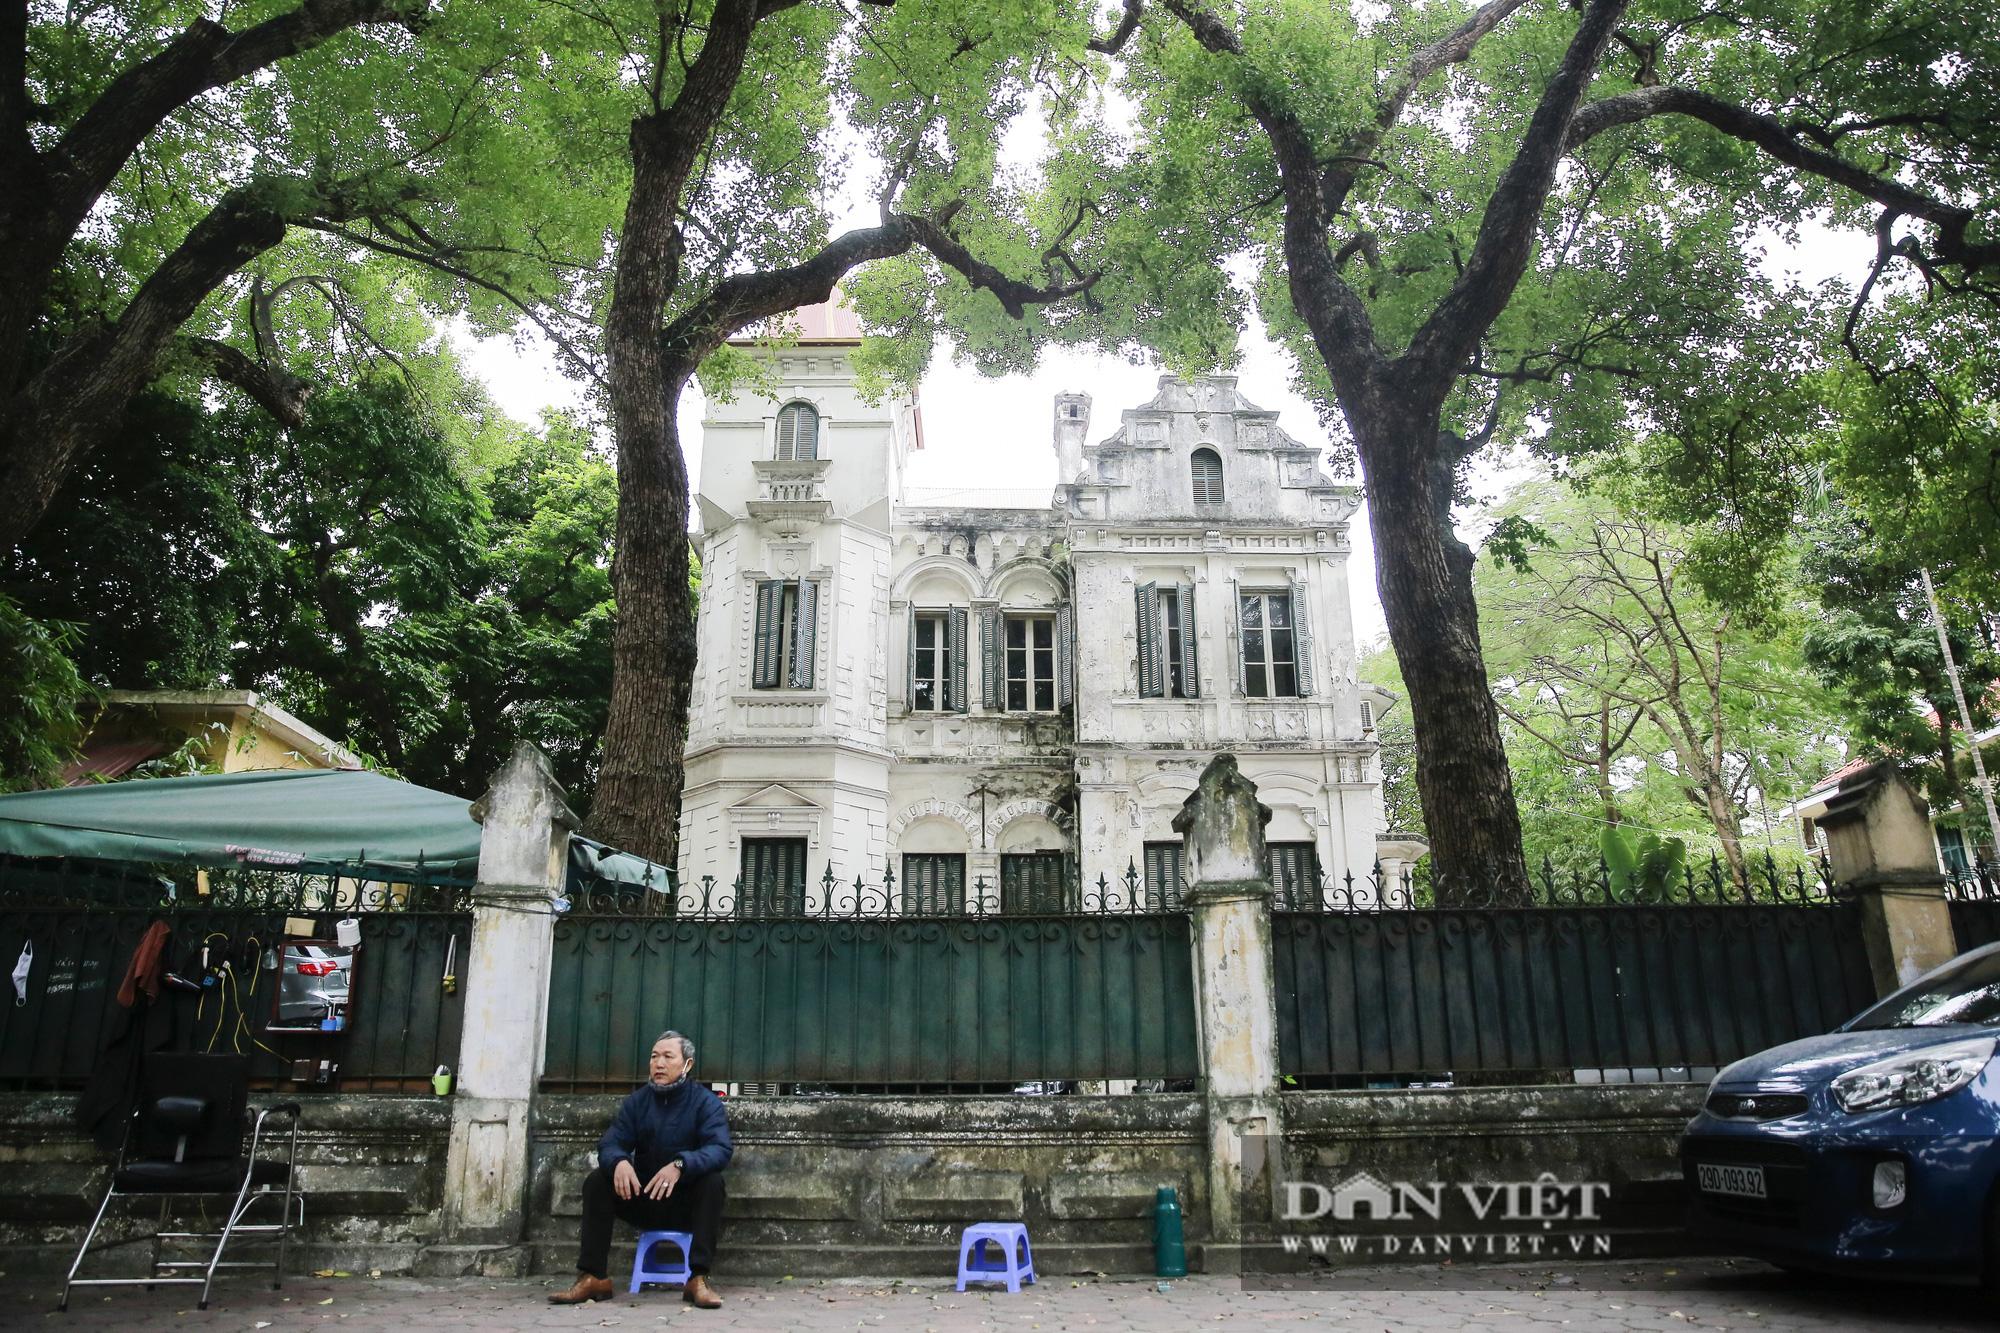 Khám phá dinh thự thứ 8 rộng 2000m2 của vua Bảo Đại tại Hà Nội - Ảnh 1.